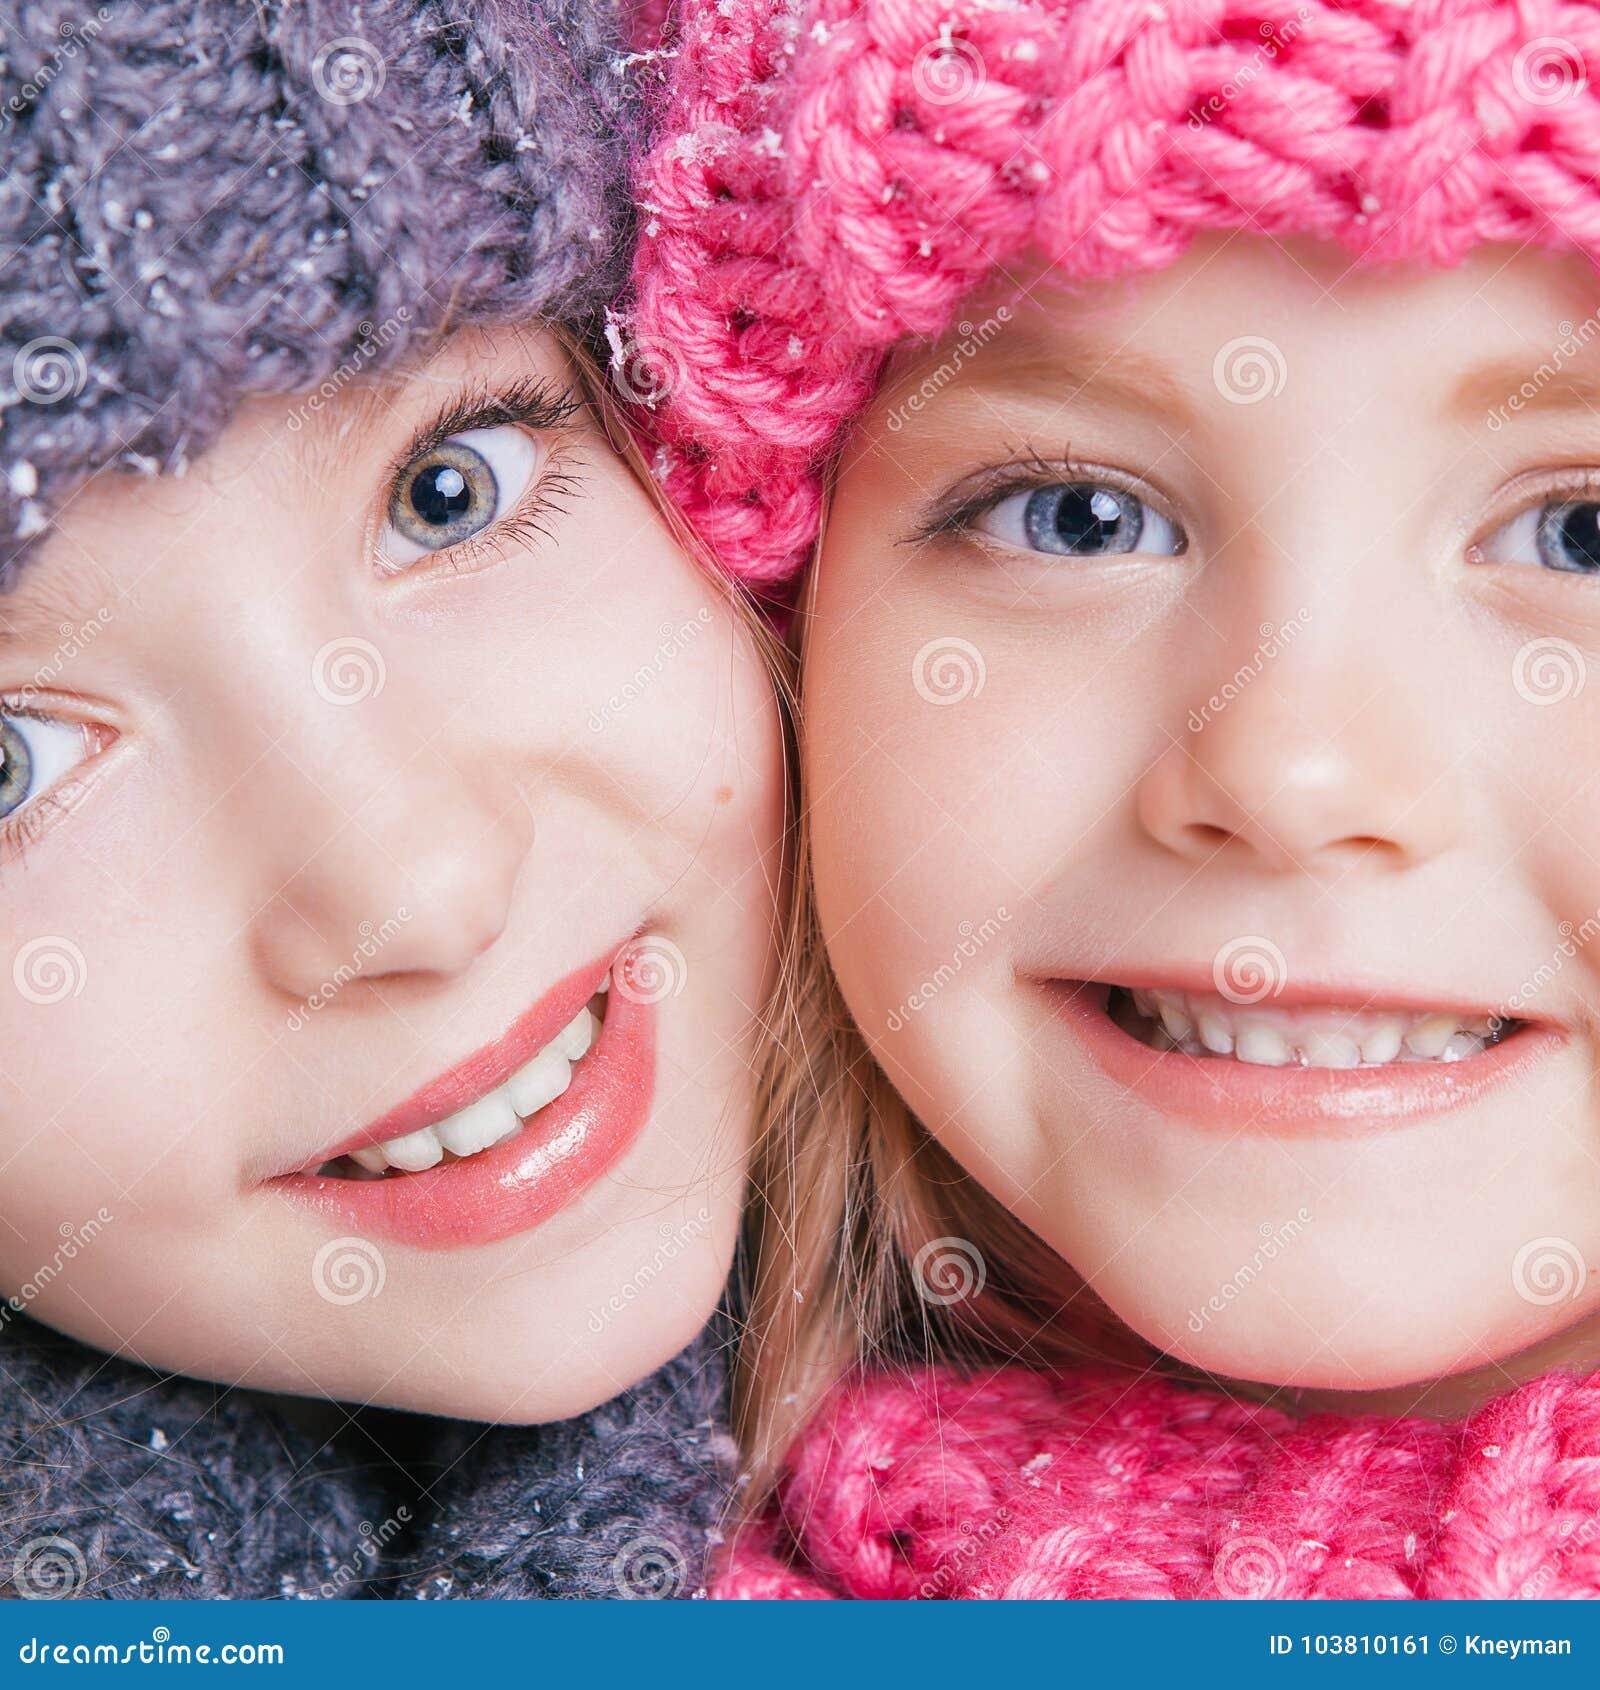 Nahaufnahmeporträt von zwei netten kleinen Schwestern im Winter kleidet Rosa und graue Hüte und Schals familie